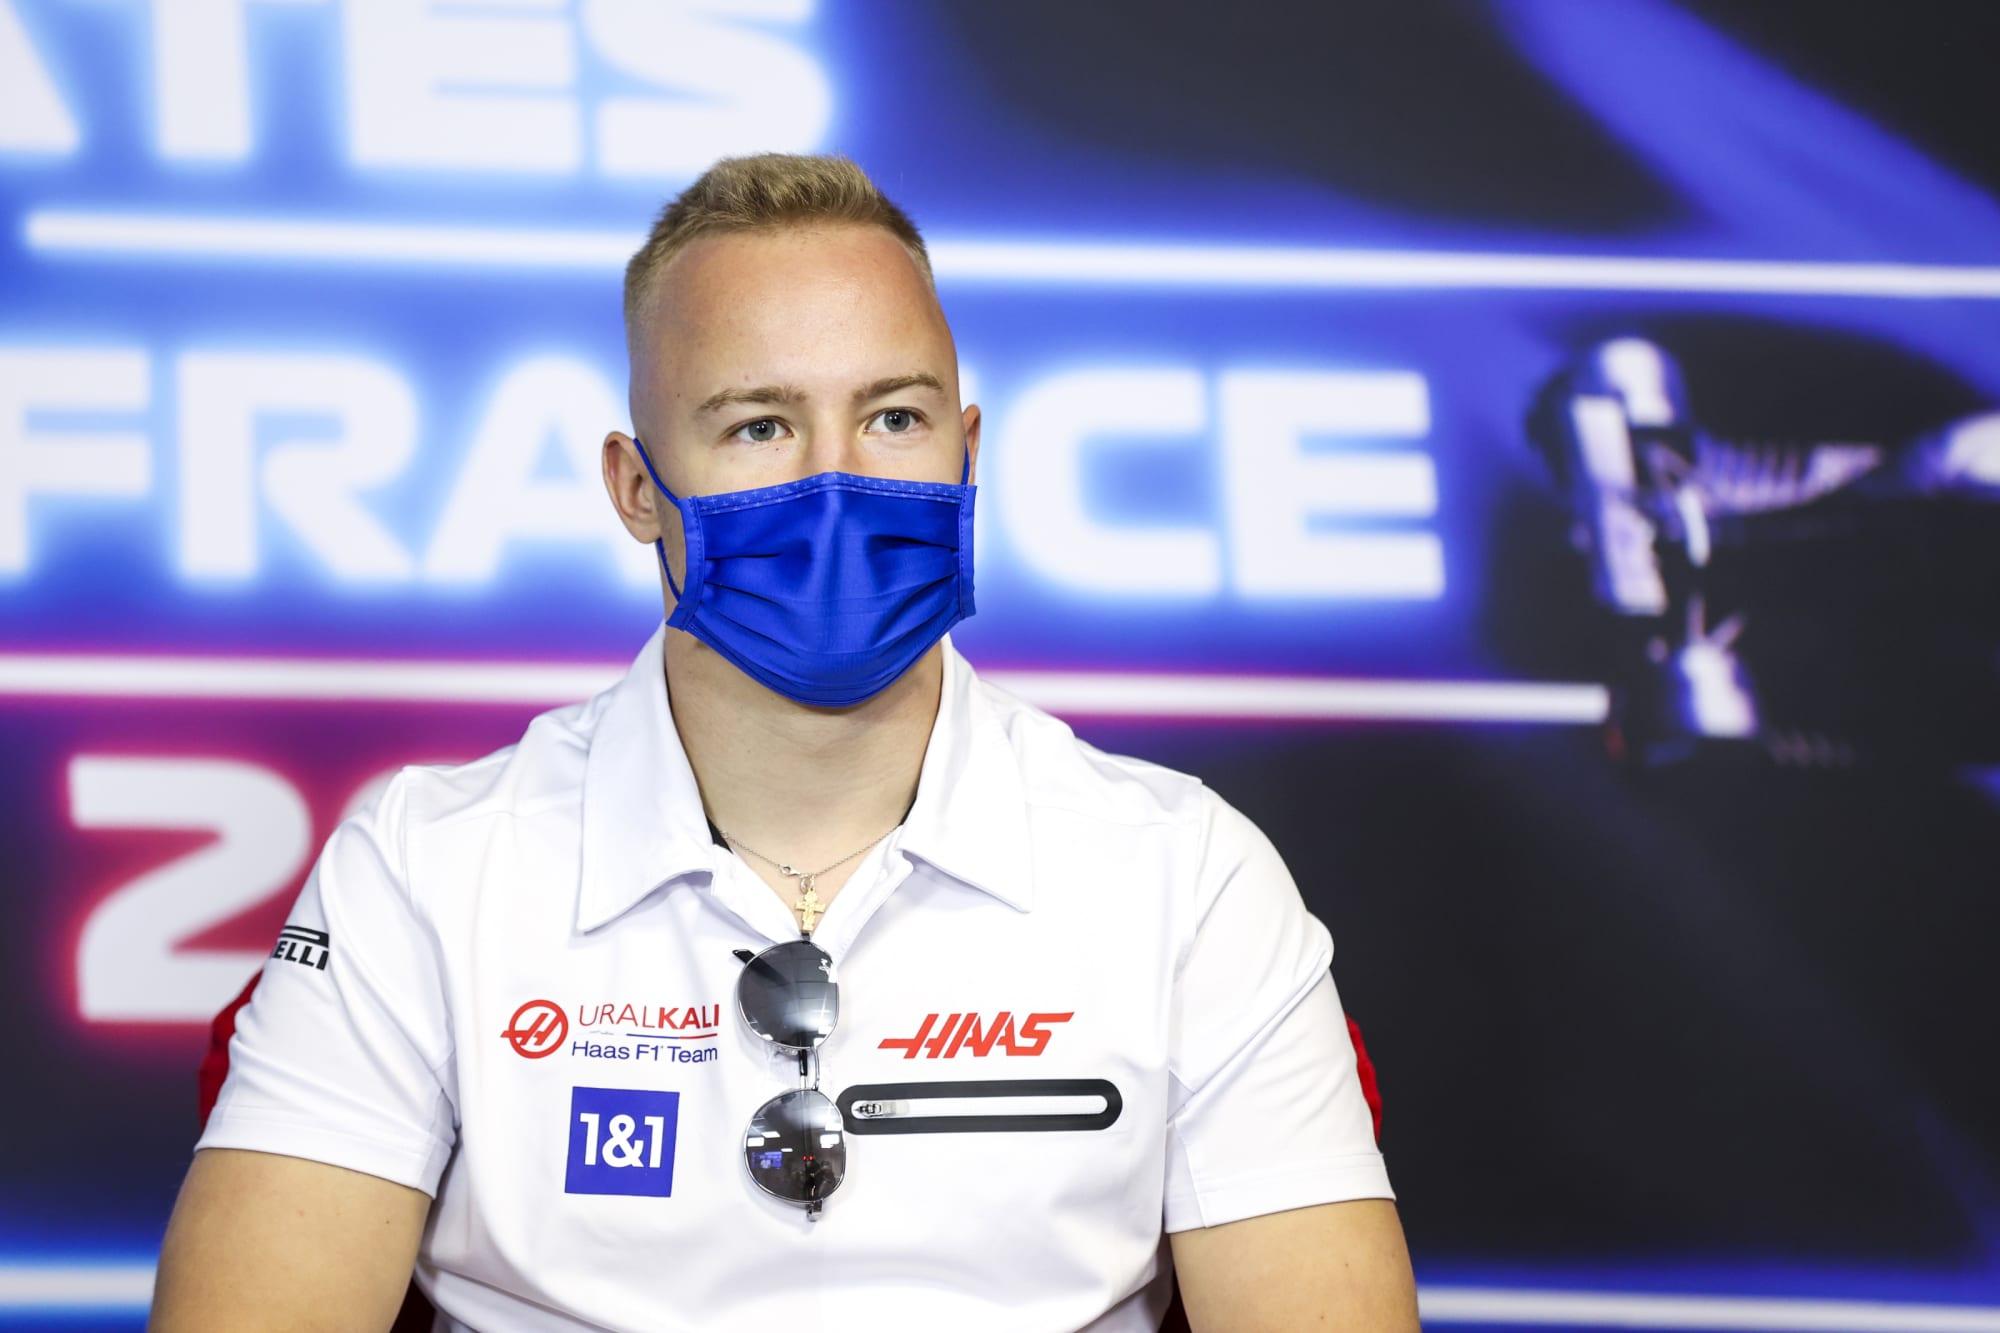 Formula 1: Nikita Mazepin's interesting response to Lewis Hamilton